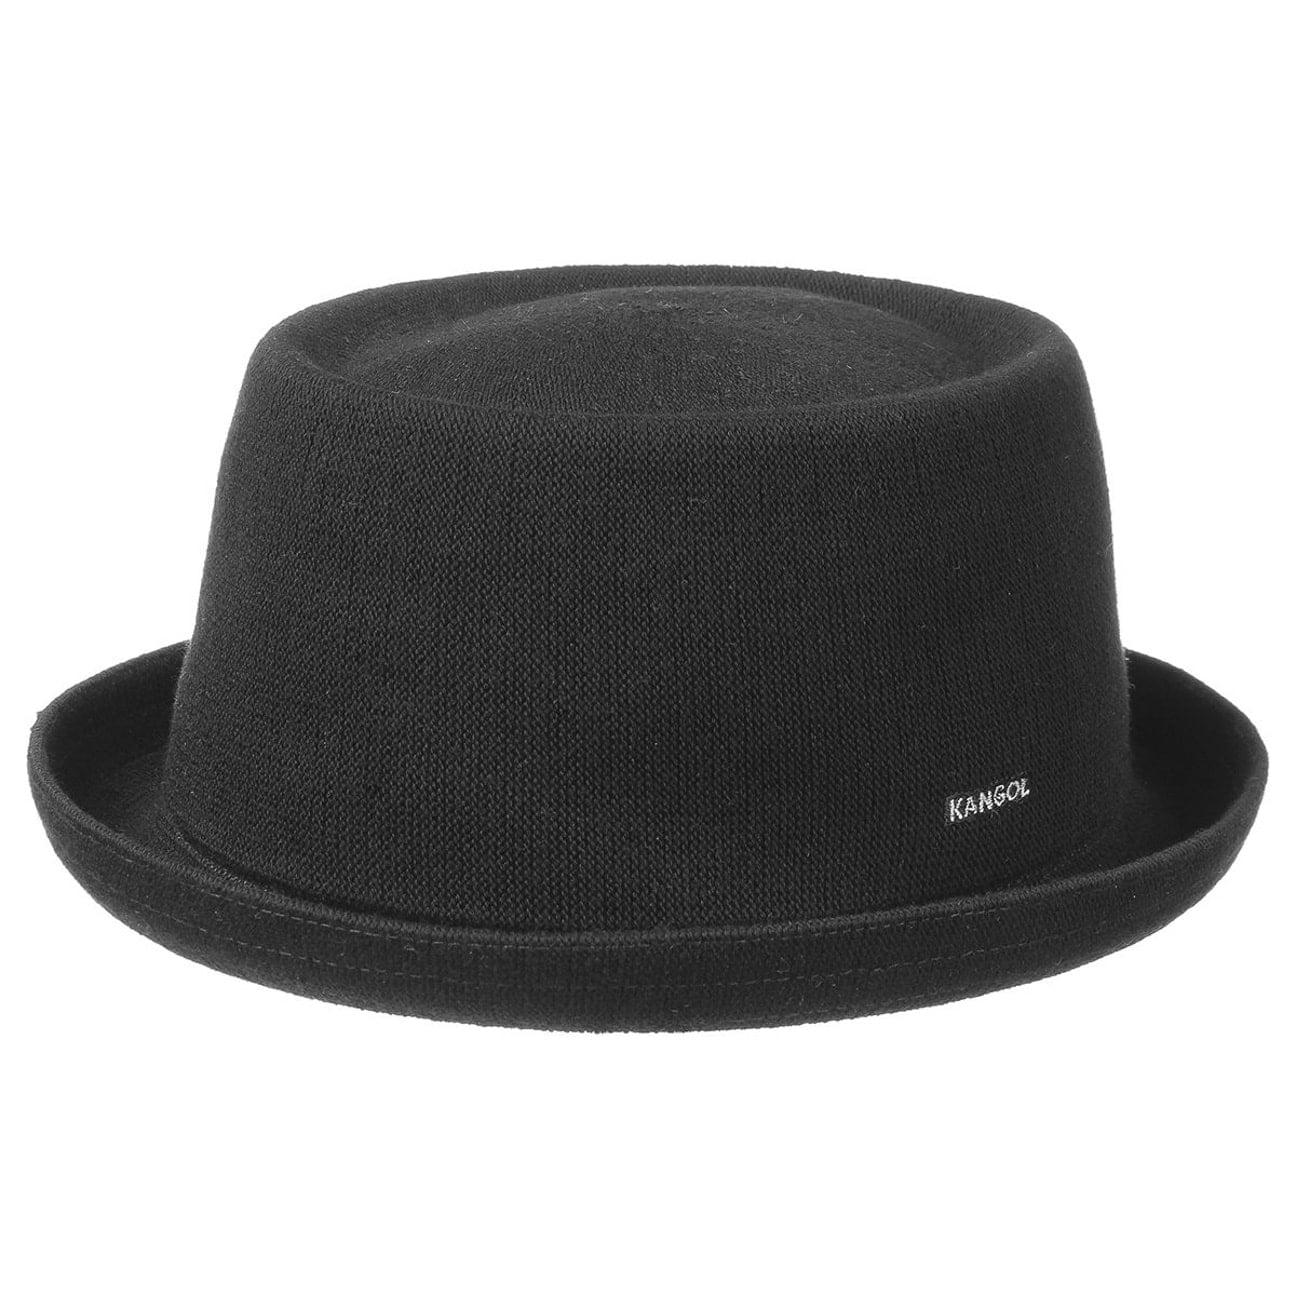 ... Mowbray Pork Pie Hat by Kangol - black 1 ... a102b4e8542